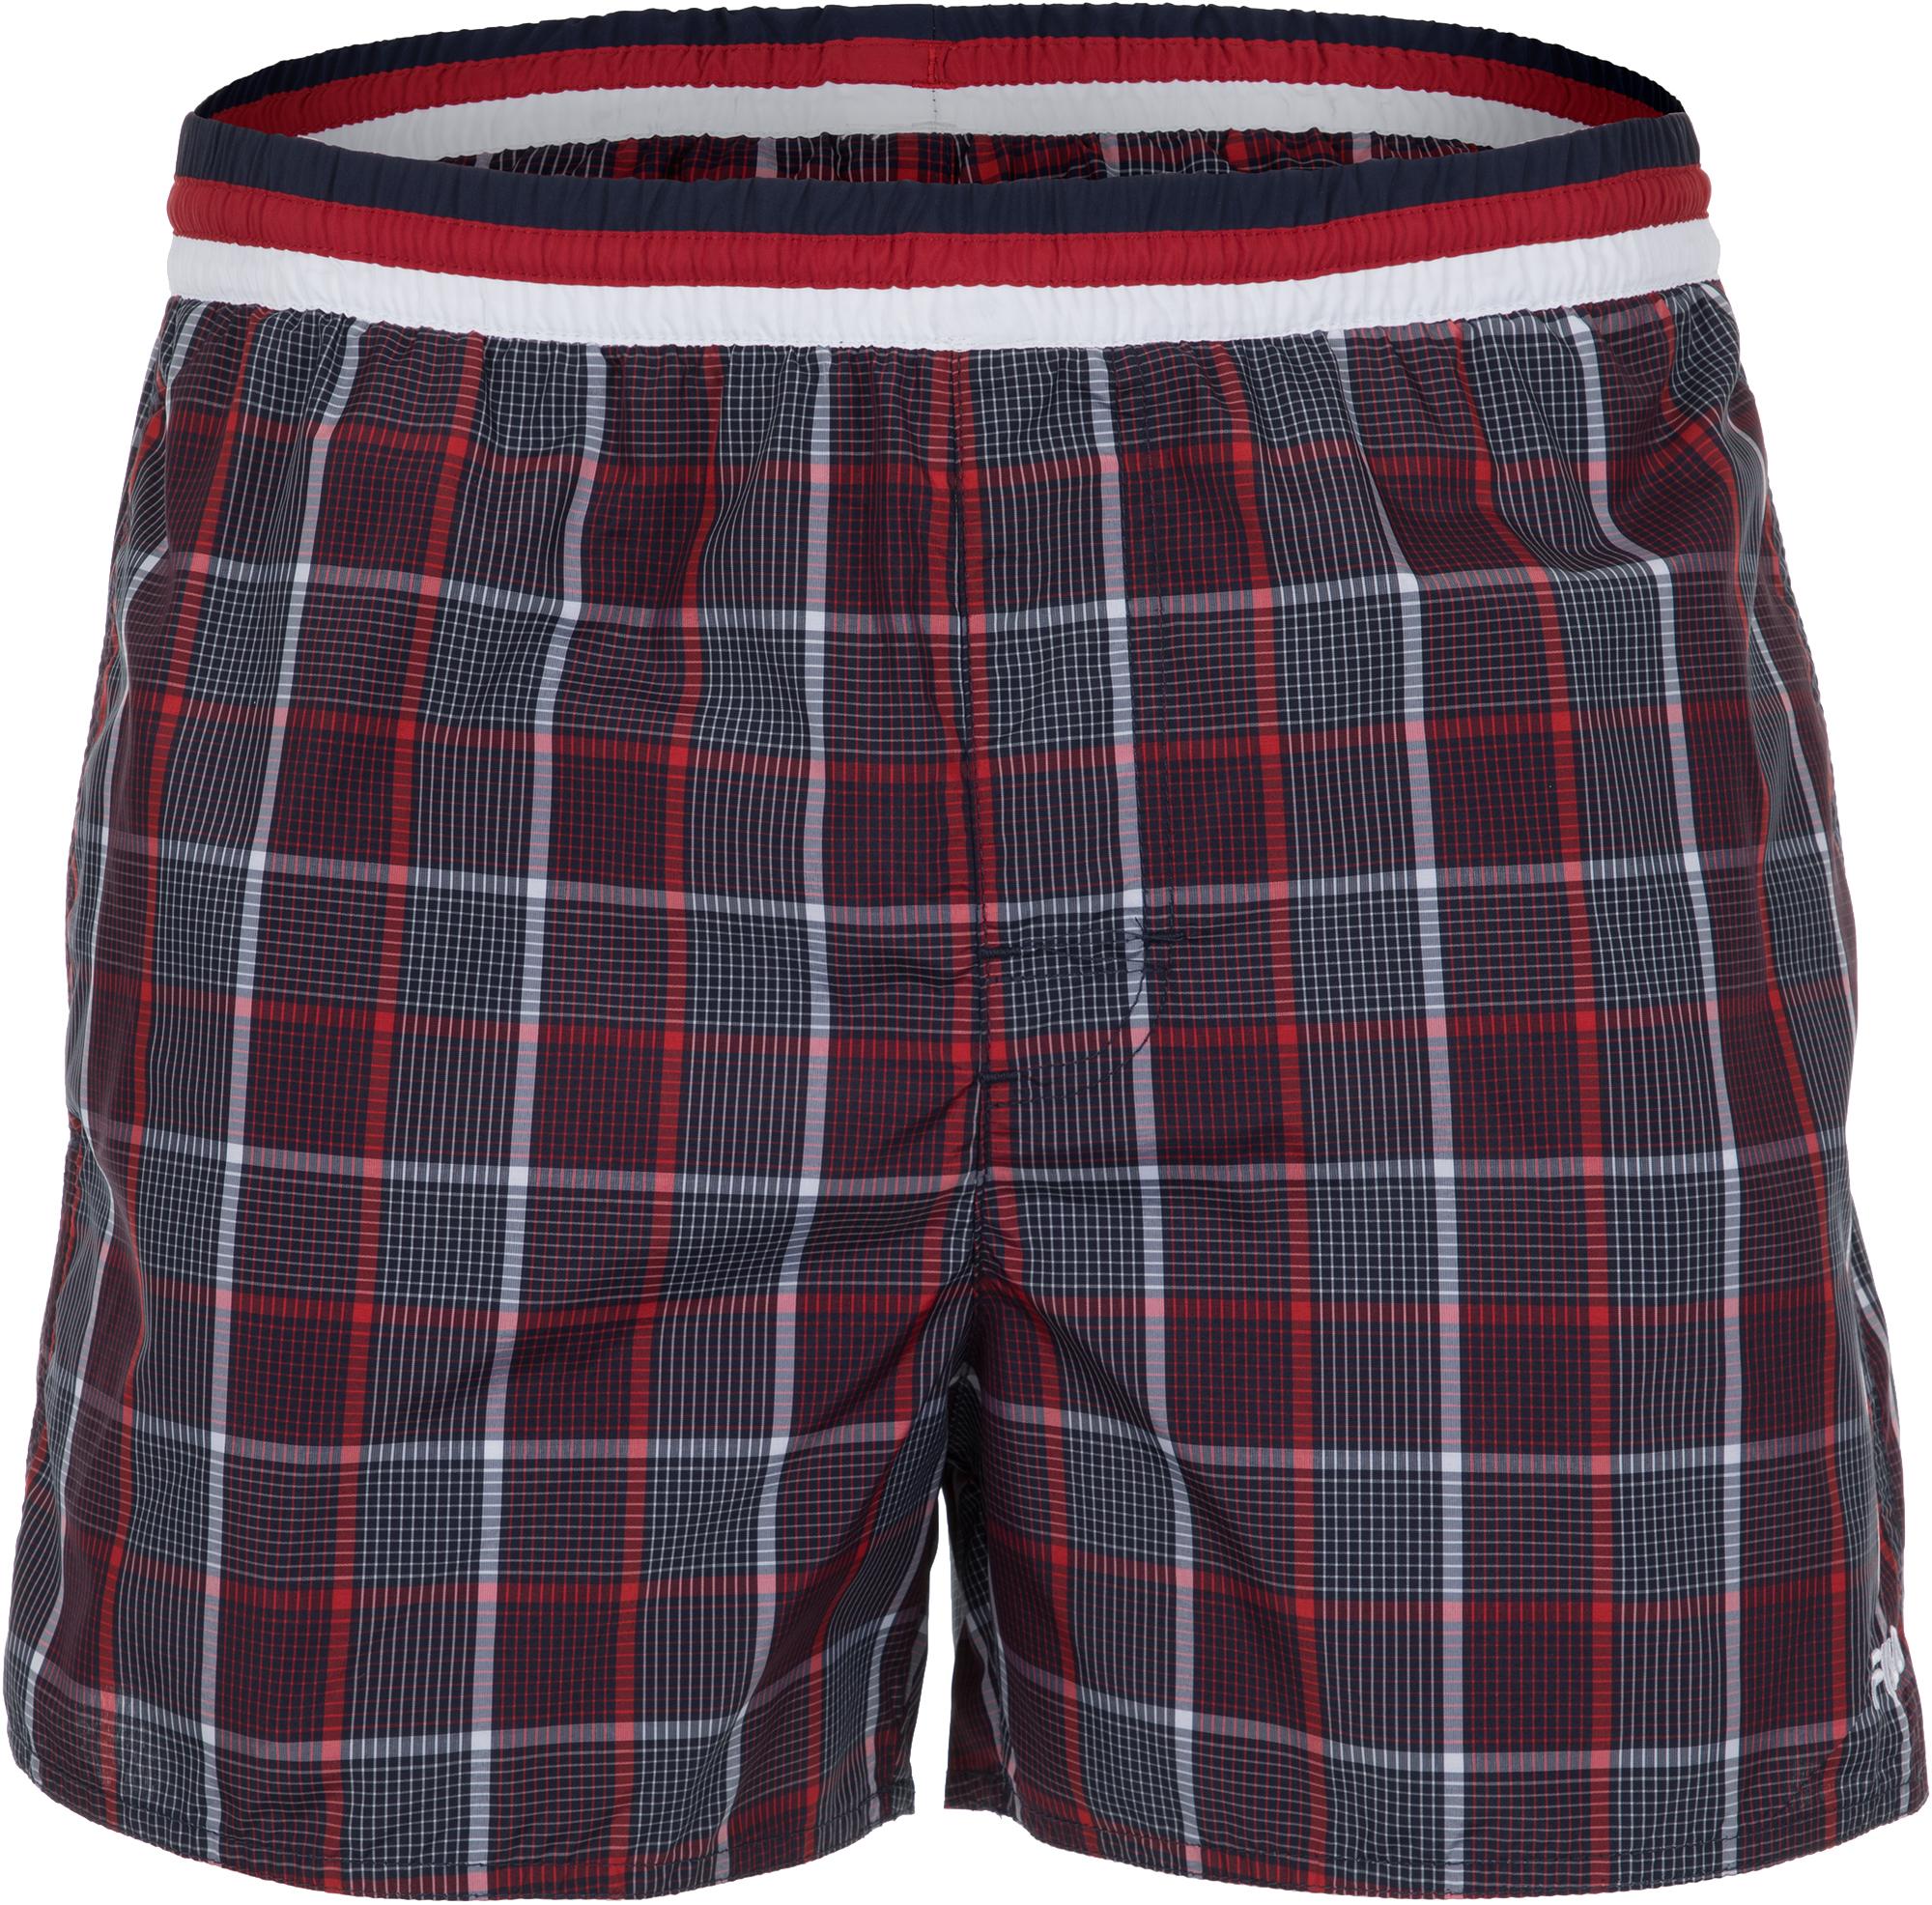 Fila Шорты плавательные мужские Fila, размер 54 fila плавки шорты мужские fila размер 54